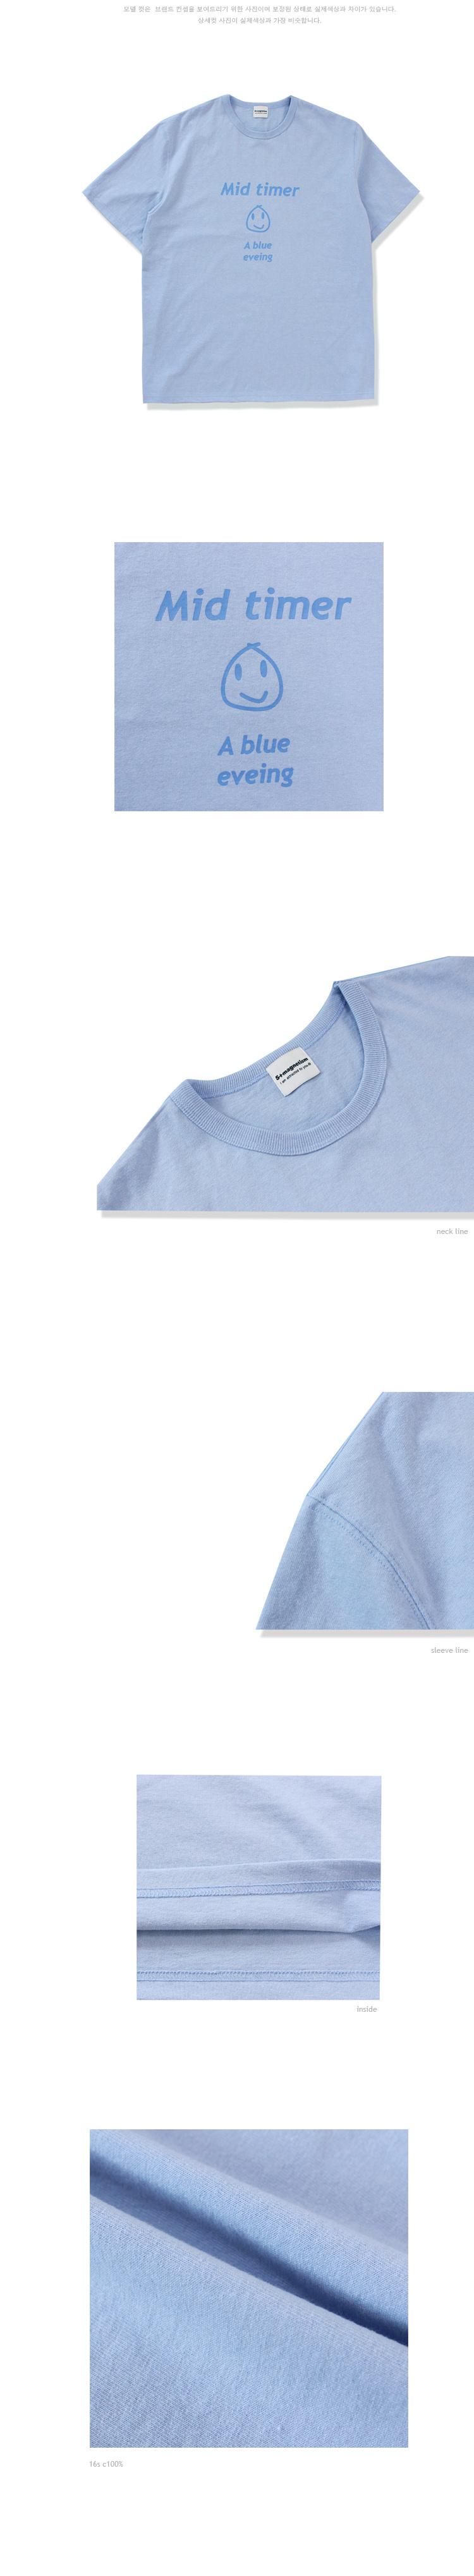 누아네임(NUANAME) 5T27 (mid timer t-shirt.b)